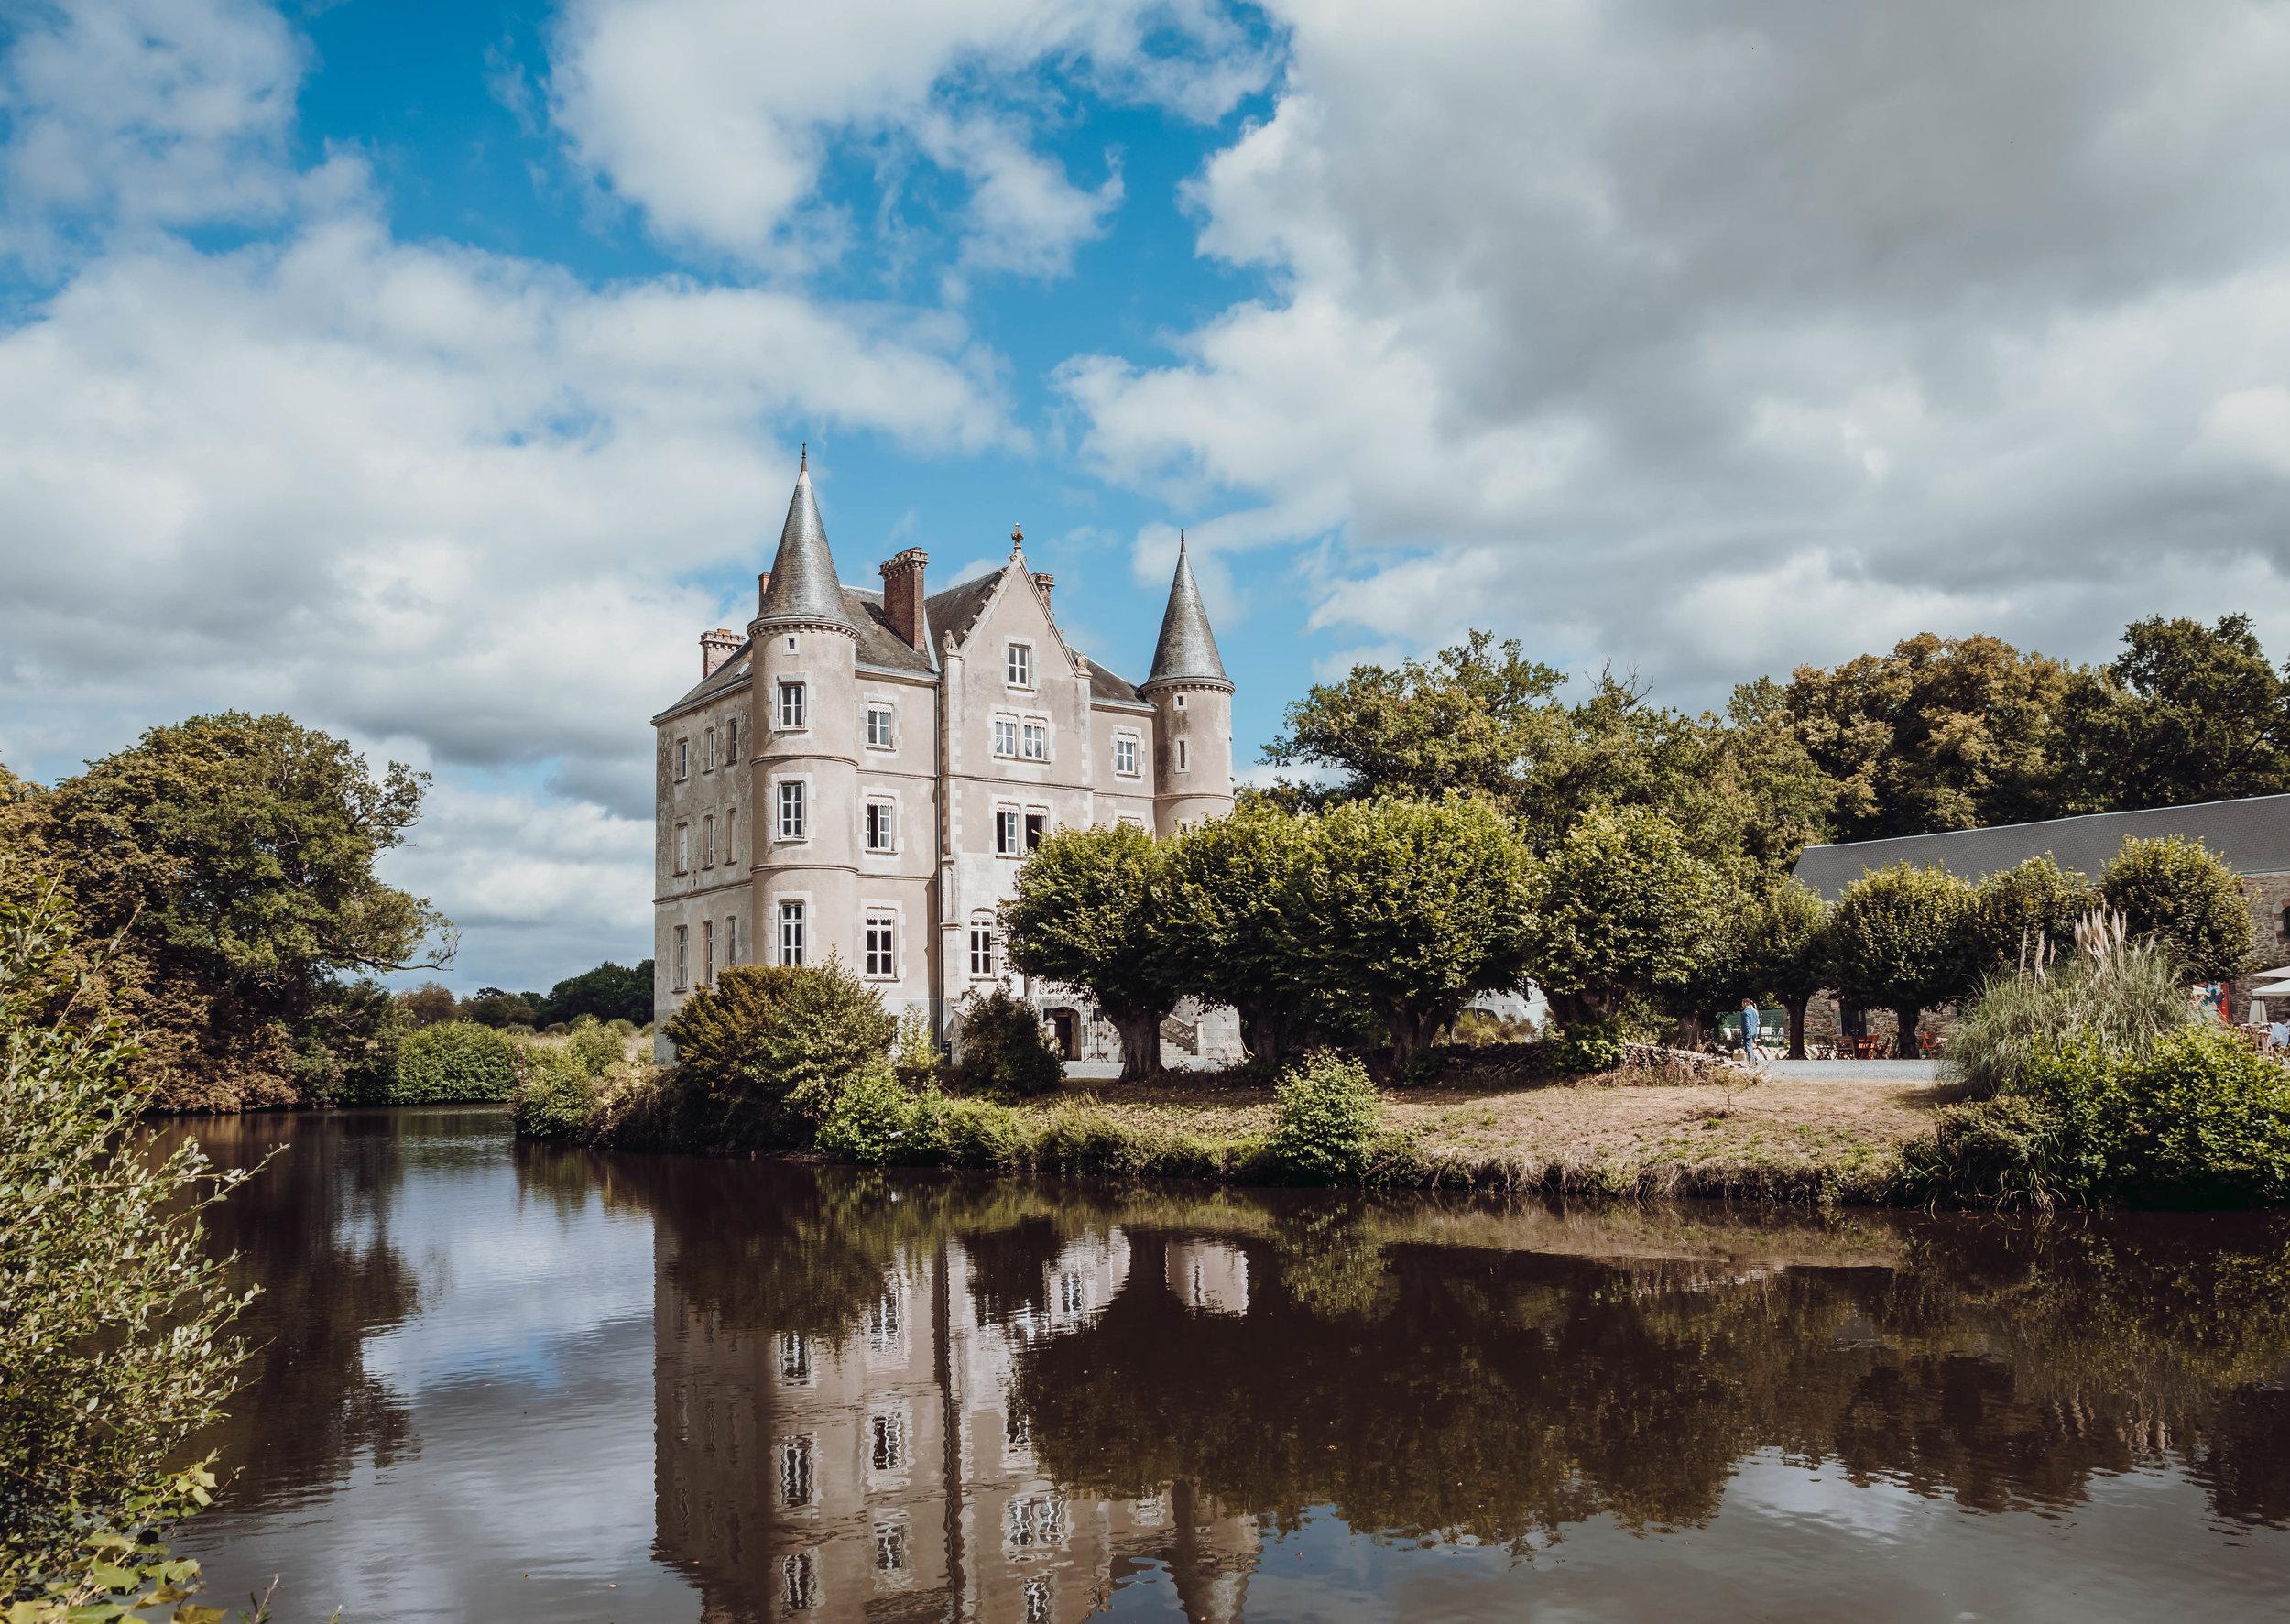 Chateau de la Motte Husson